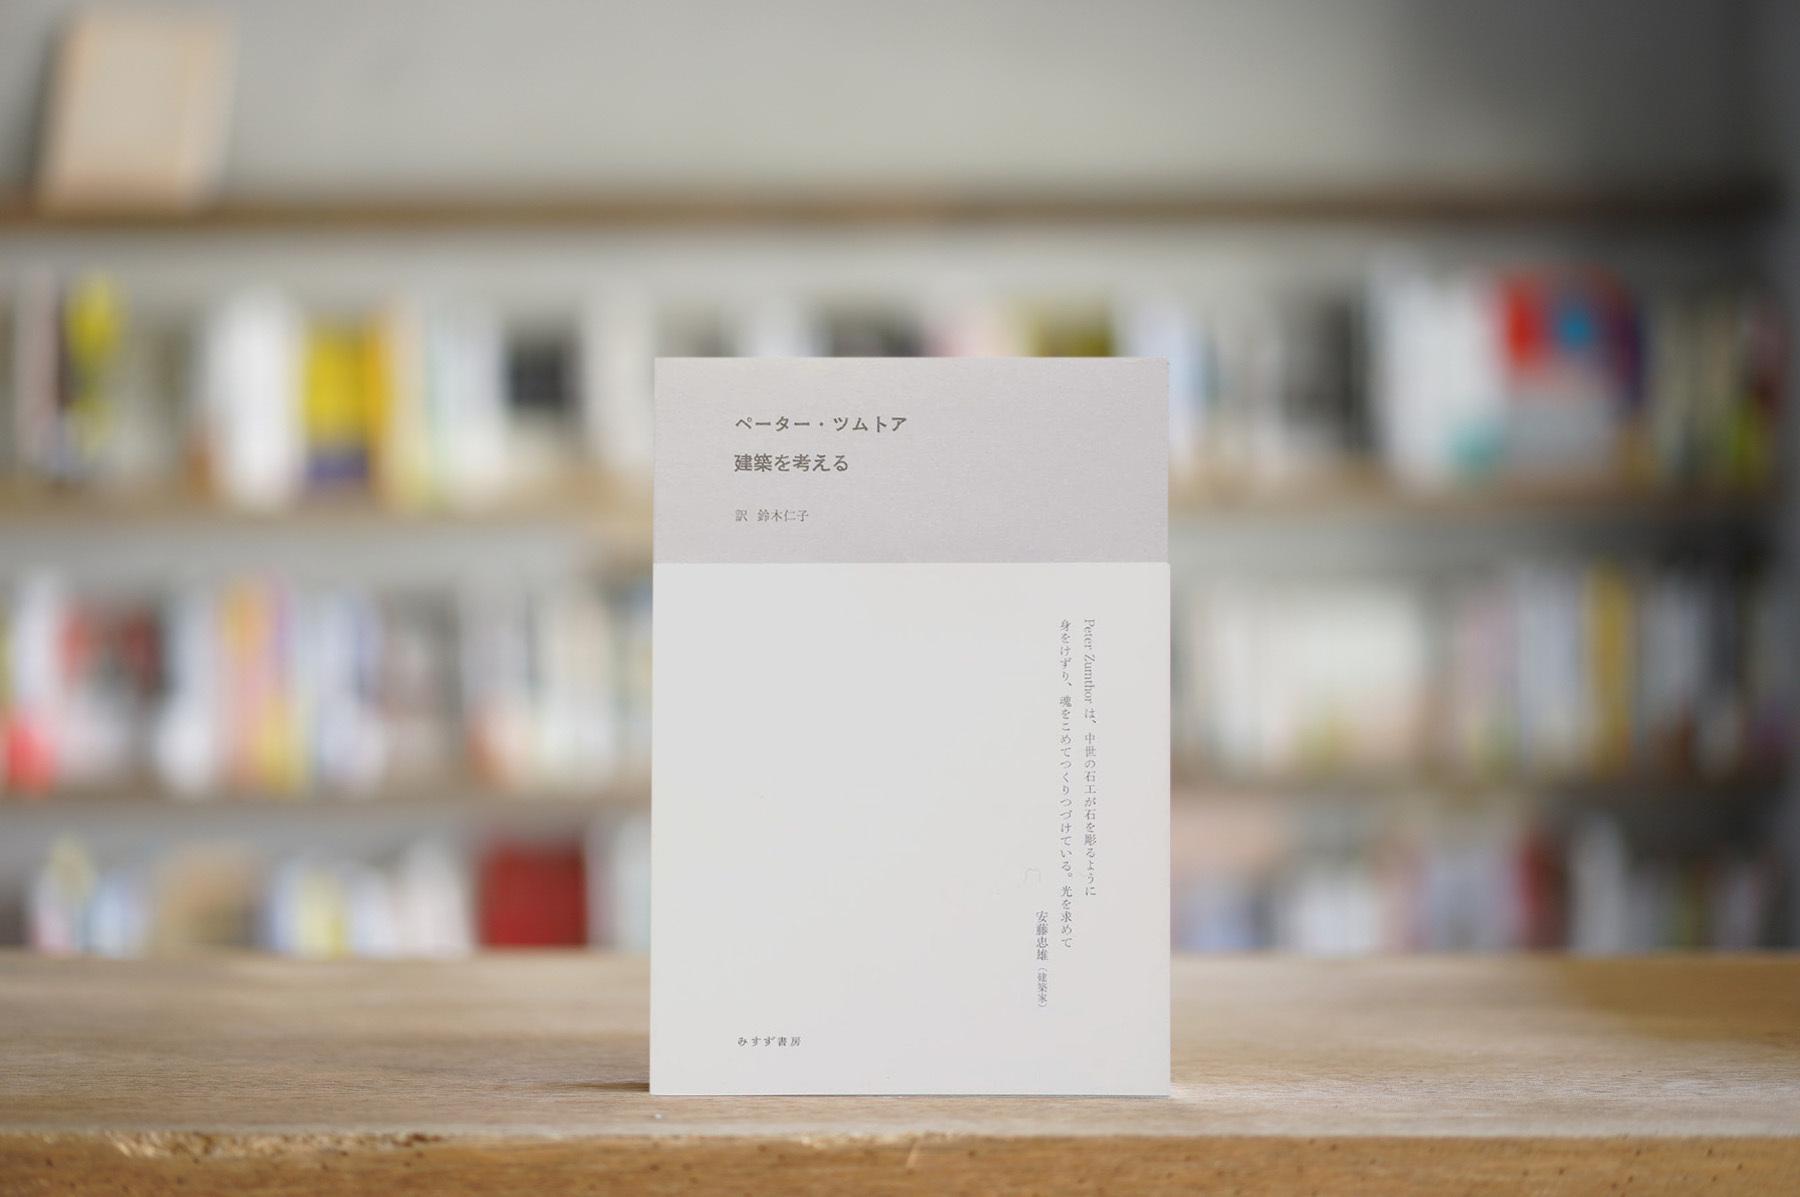 ペーター・ツムトア 訳:鈴木仁子 『建築を考える』 (みすず書房、2012)